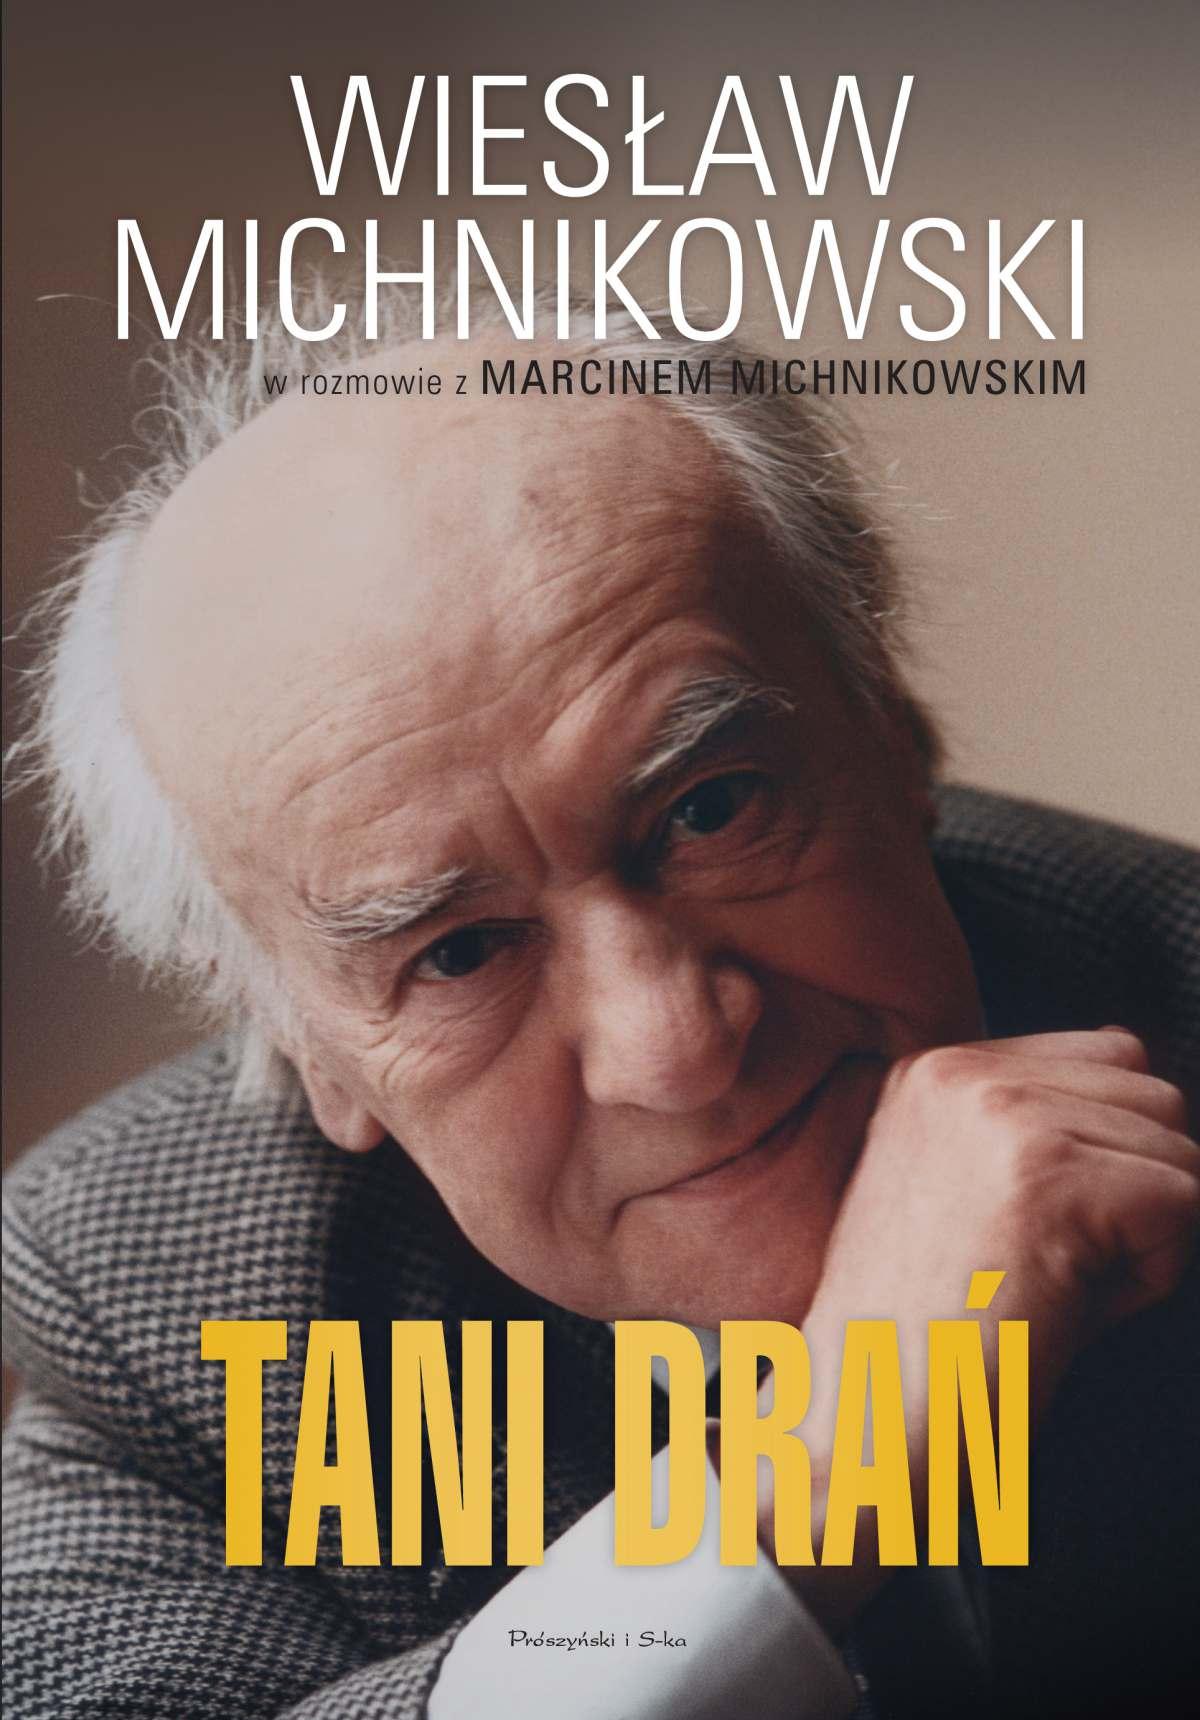 Tani drań - Ebook (Książka na Kindle) do pobrania w formacie MOBI